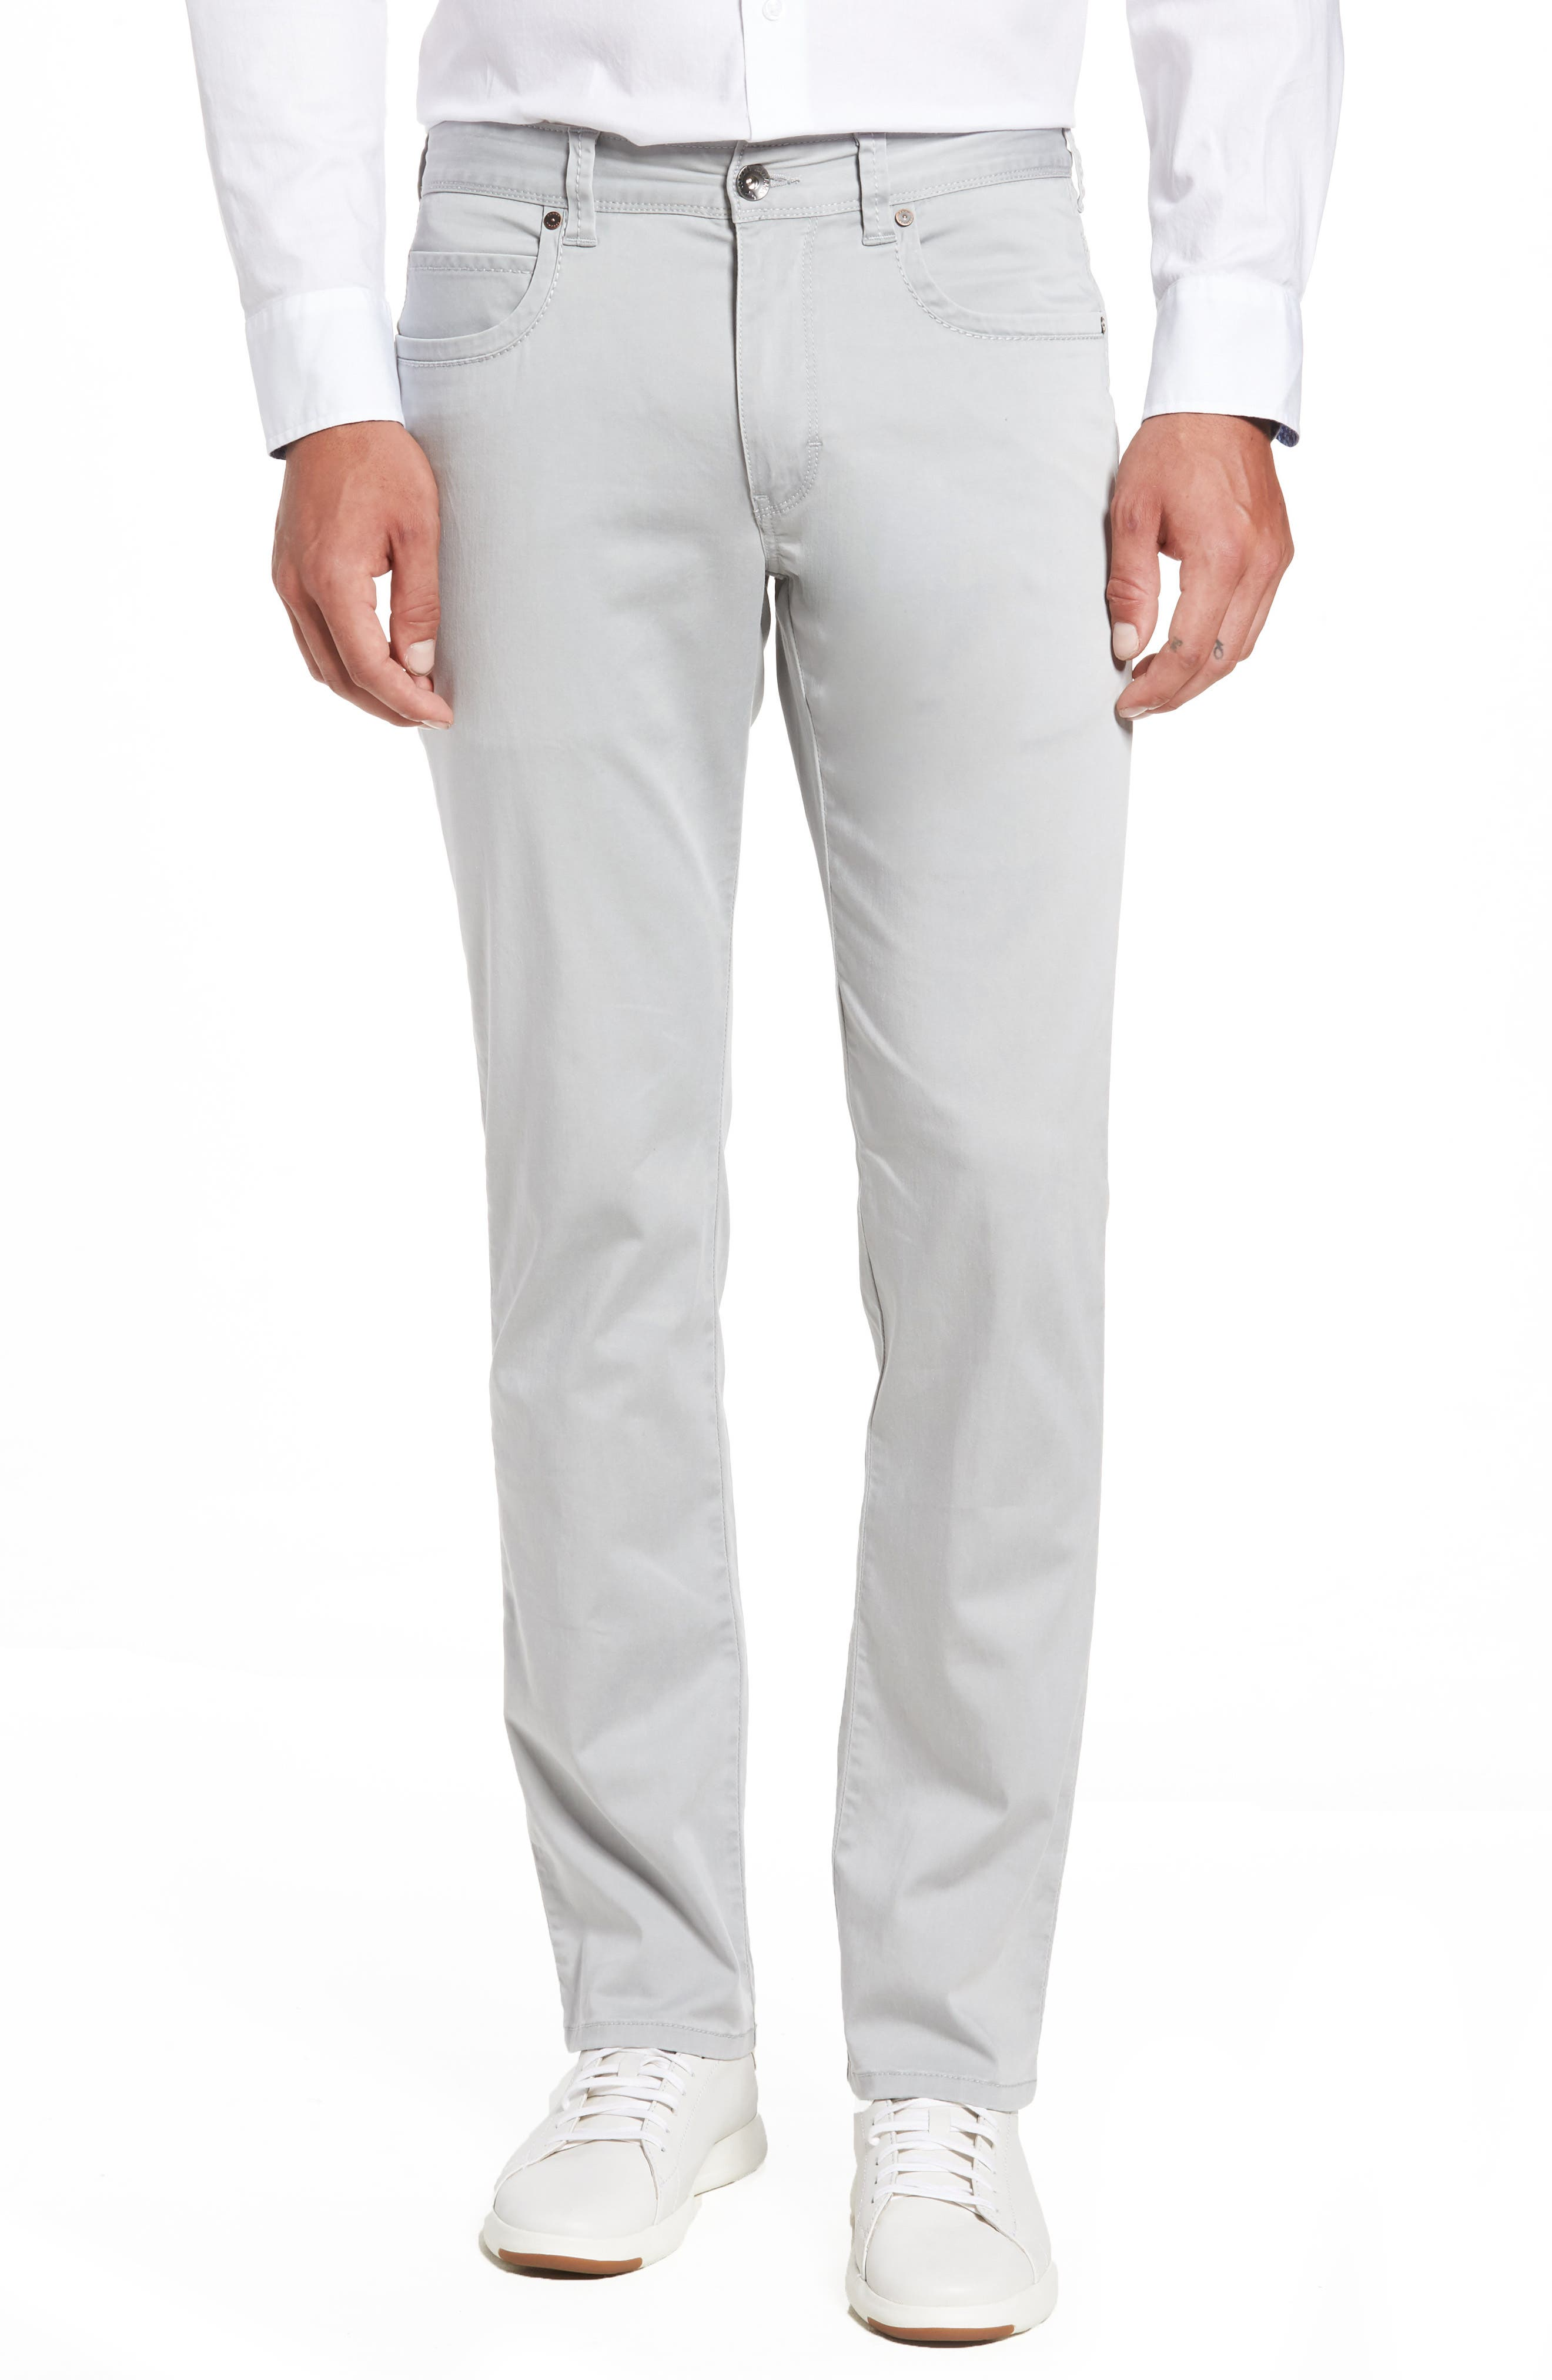 Boracay Pants,                             Main thumbnail 1, color,                             050